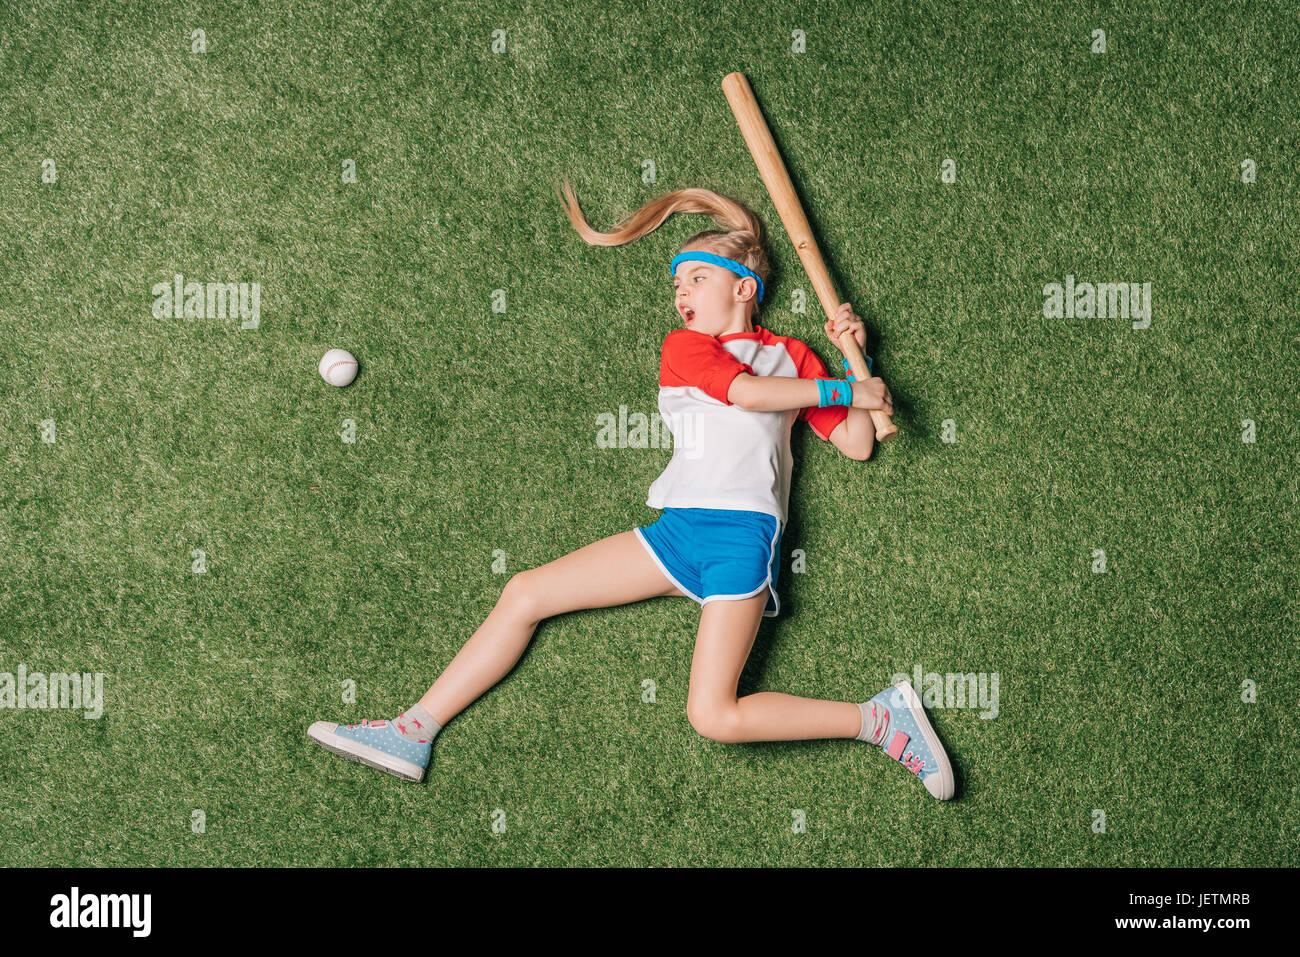 Draufsicht auf kleine Mädchen spielen Baseball auf Rasen, Leichtathletik Kinder Konzept vorgibt Stockbild